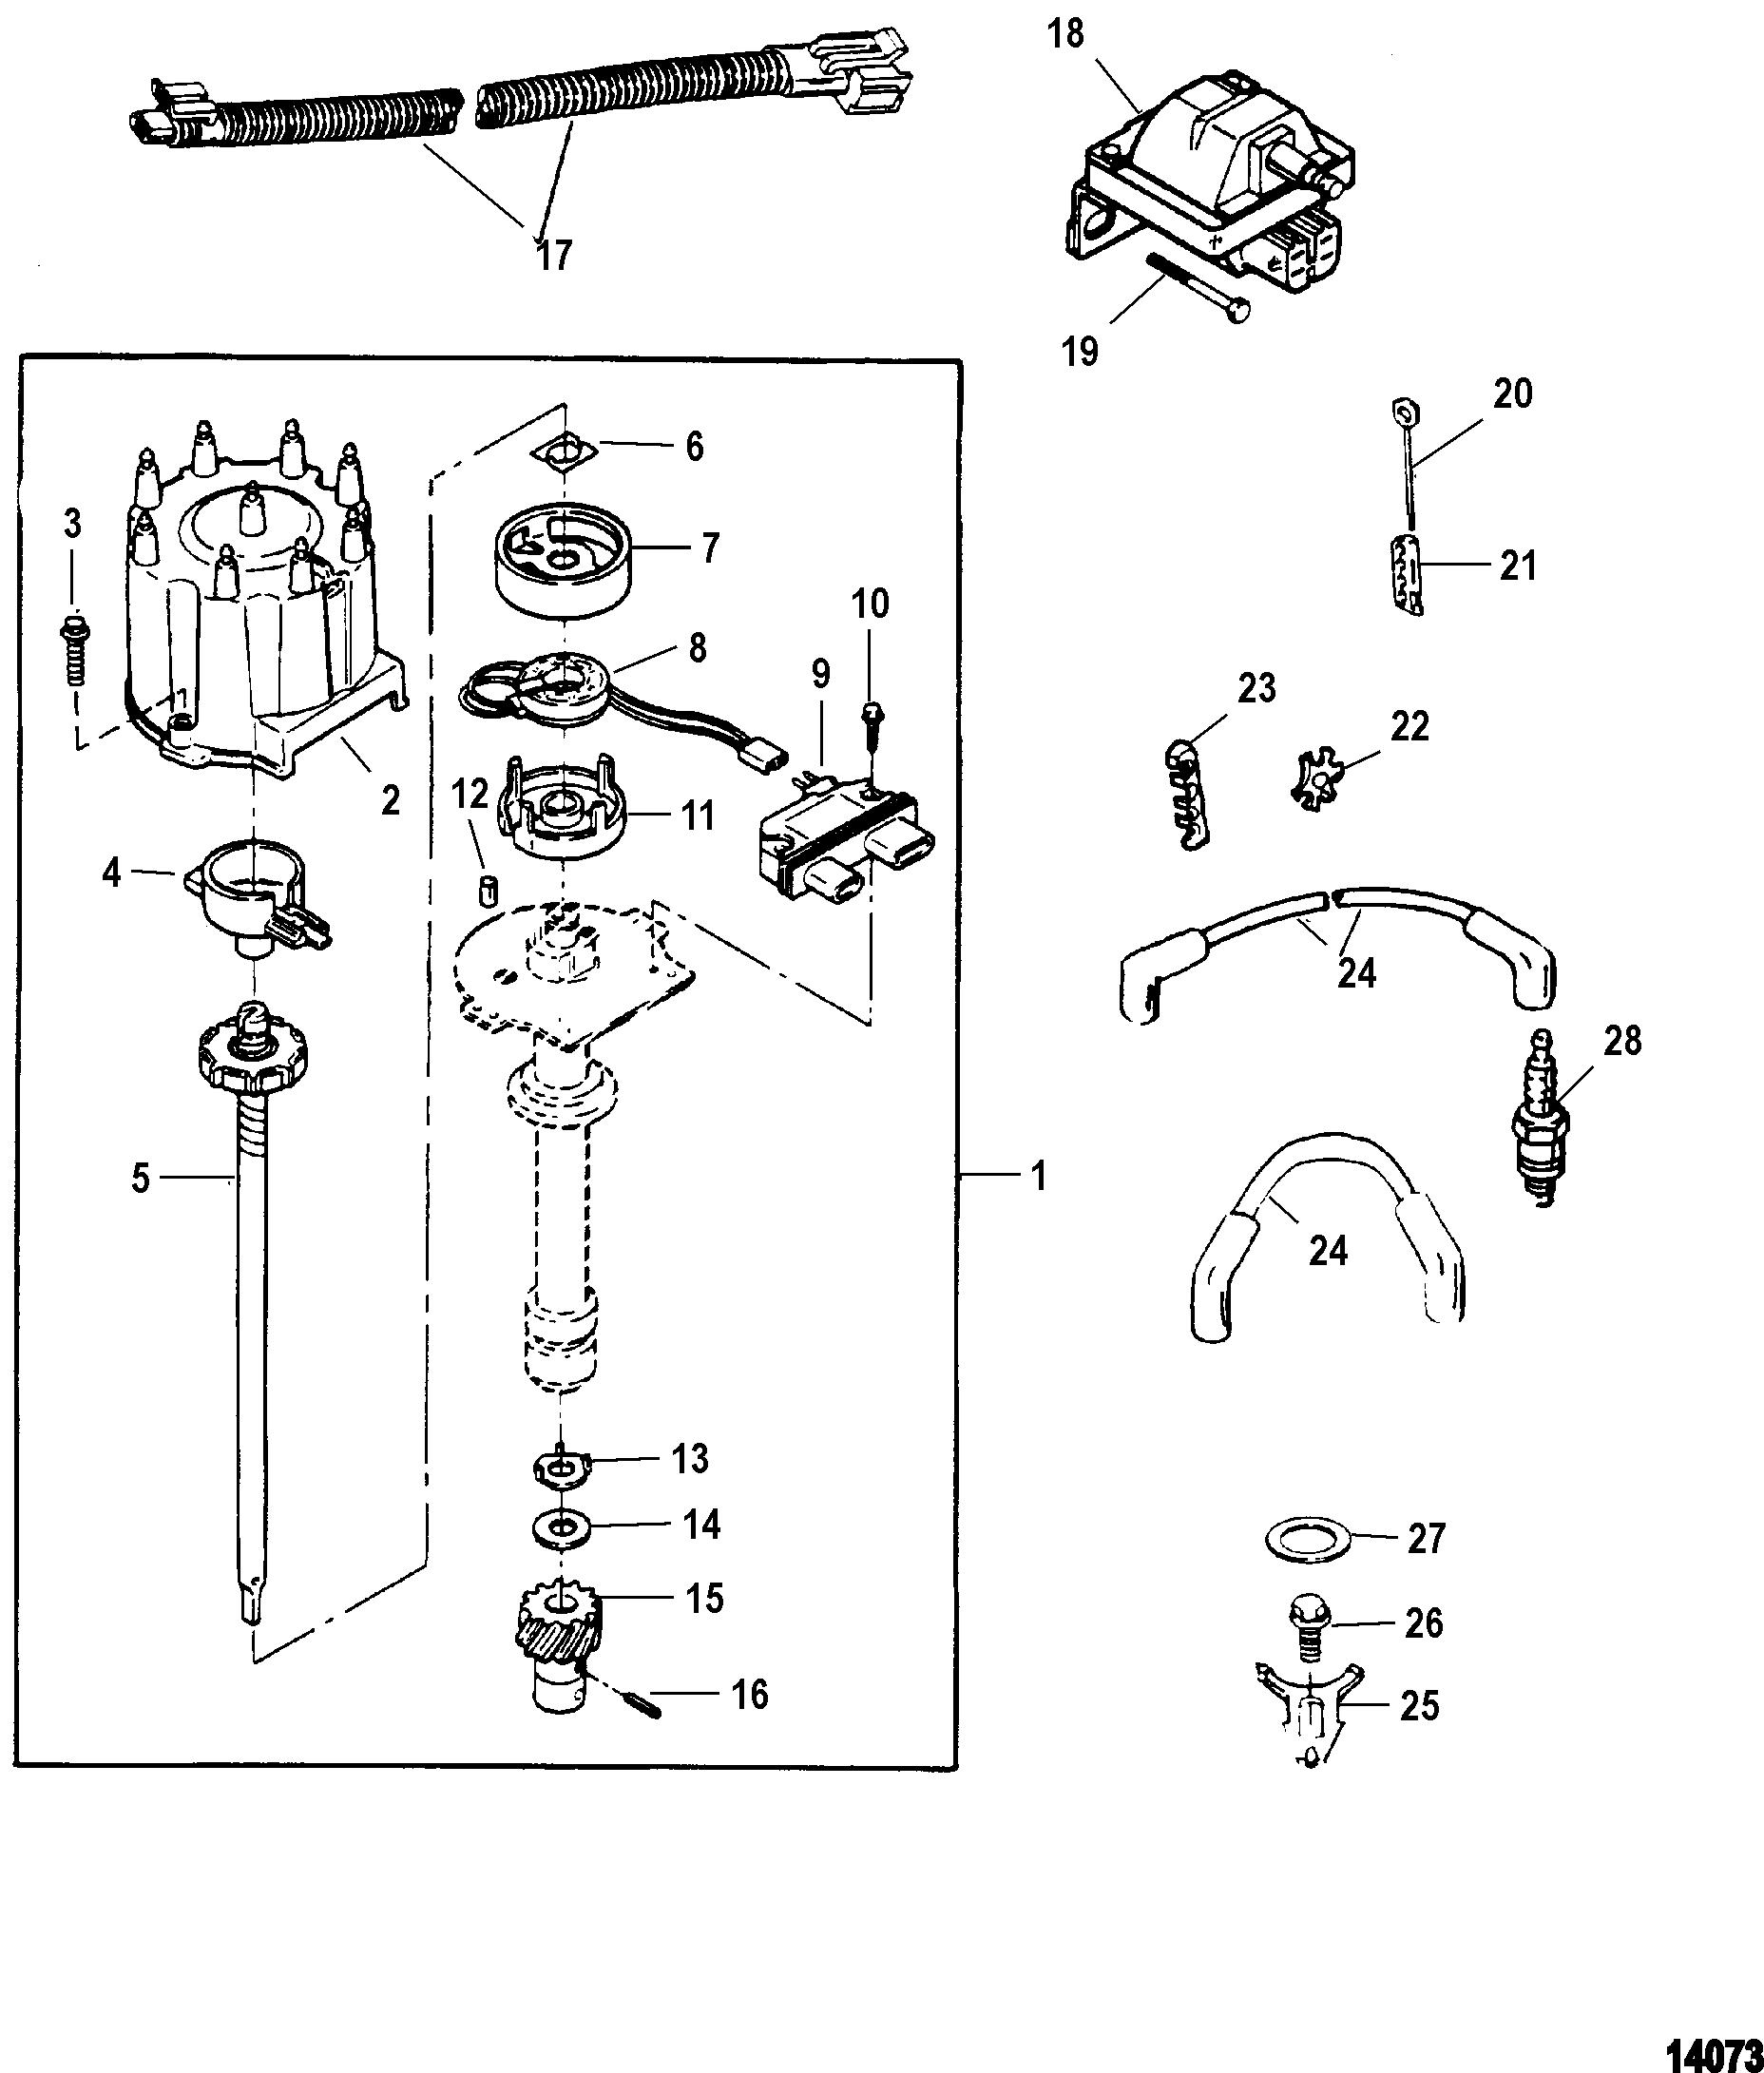 1987 mercruiser 3 0 wiring diagram